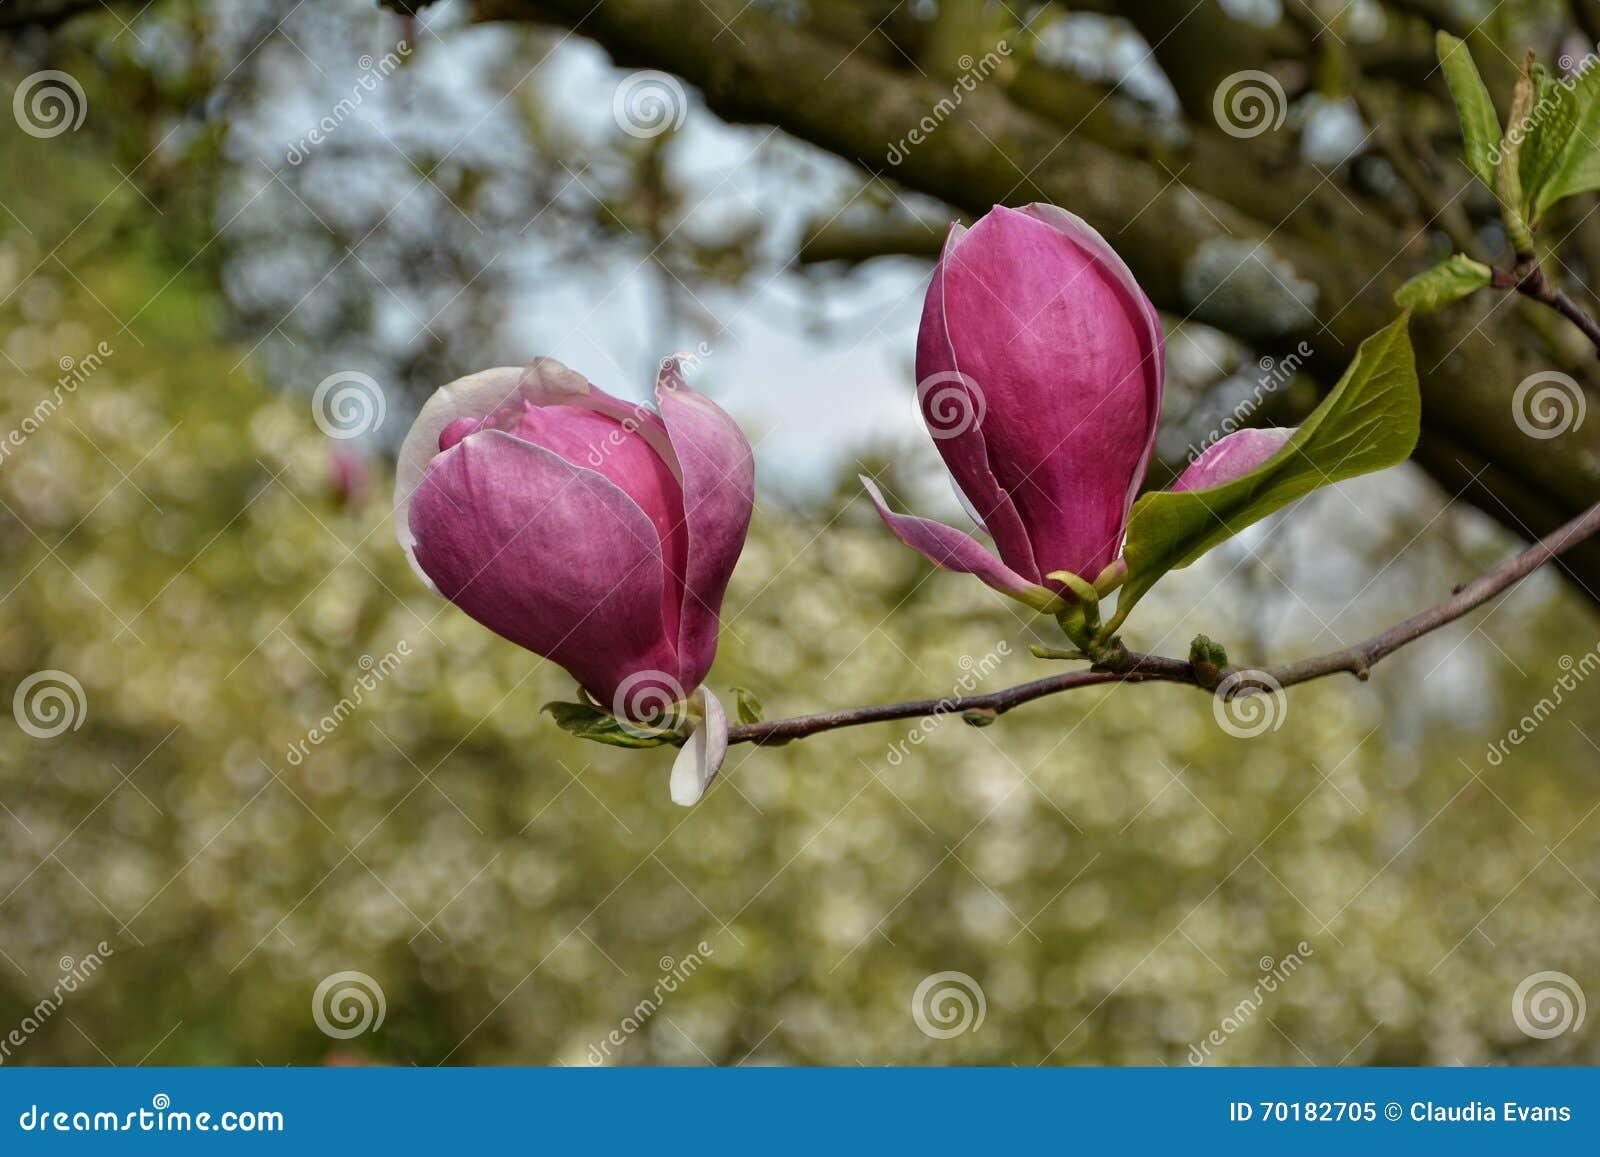 Magnoliaen blomstrar på treen